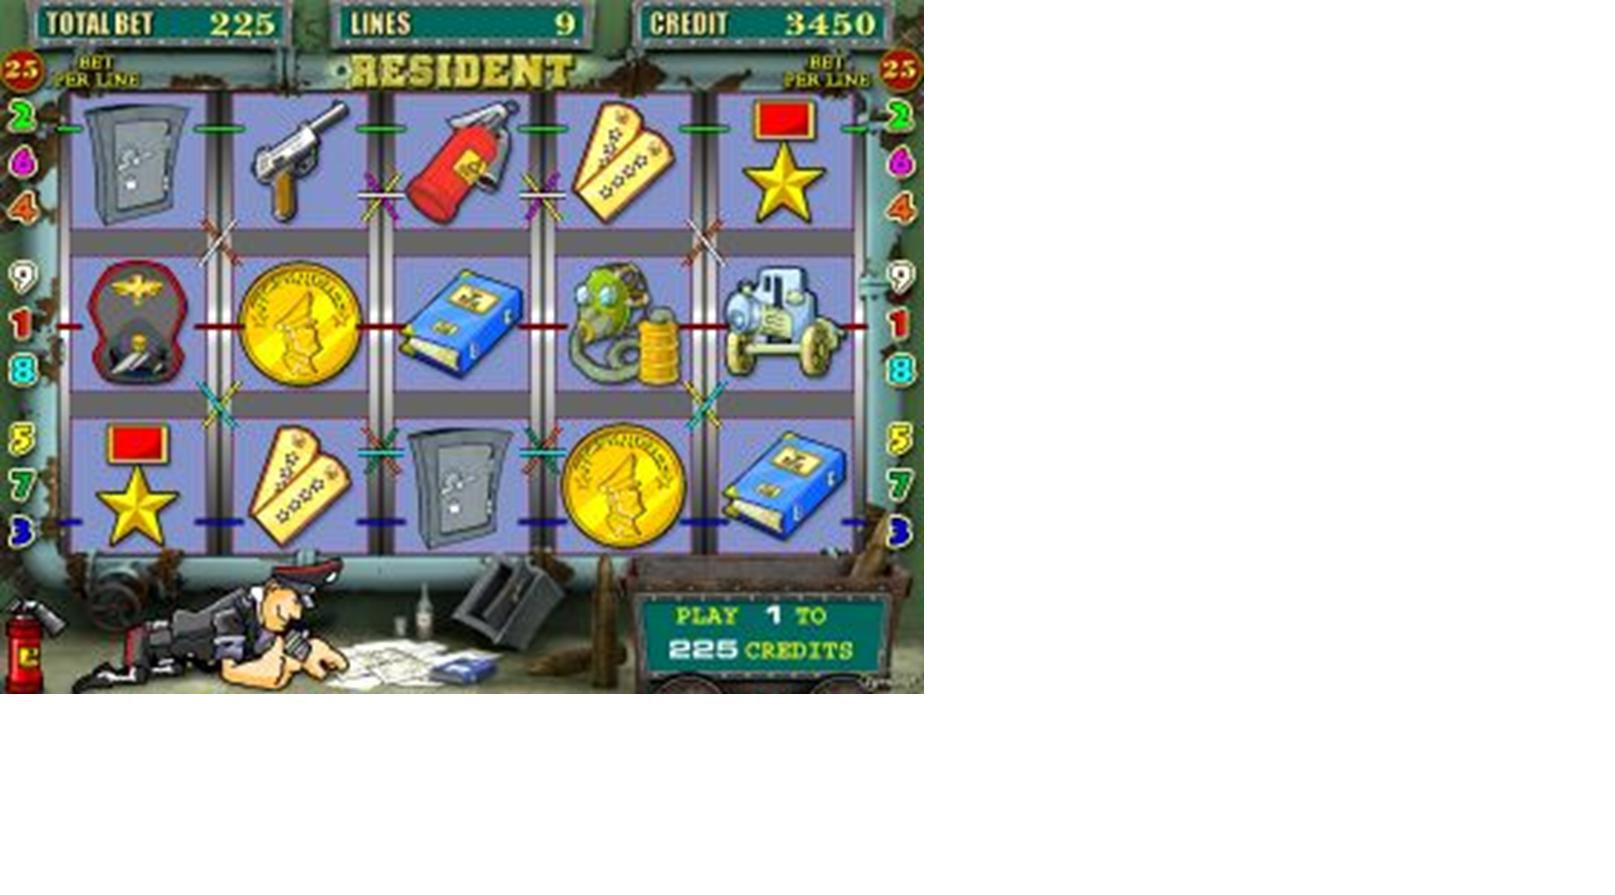 Сейфы игровой автомат Резидент играть